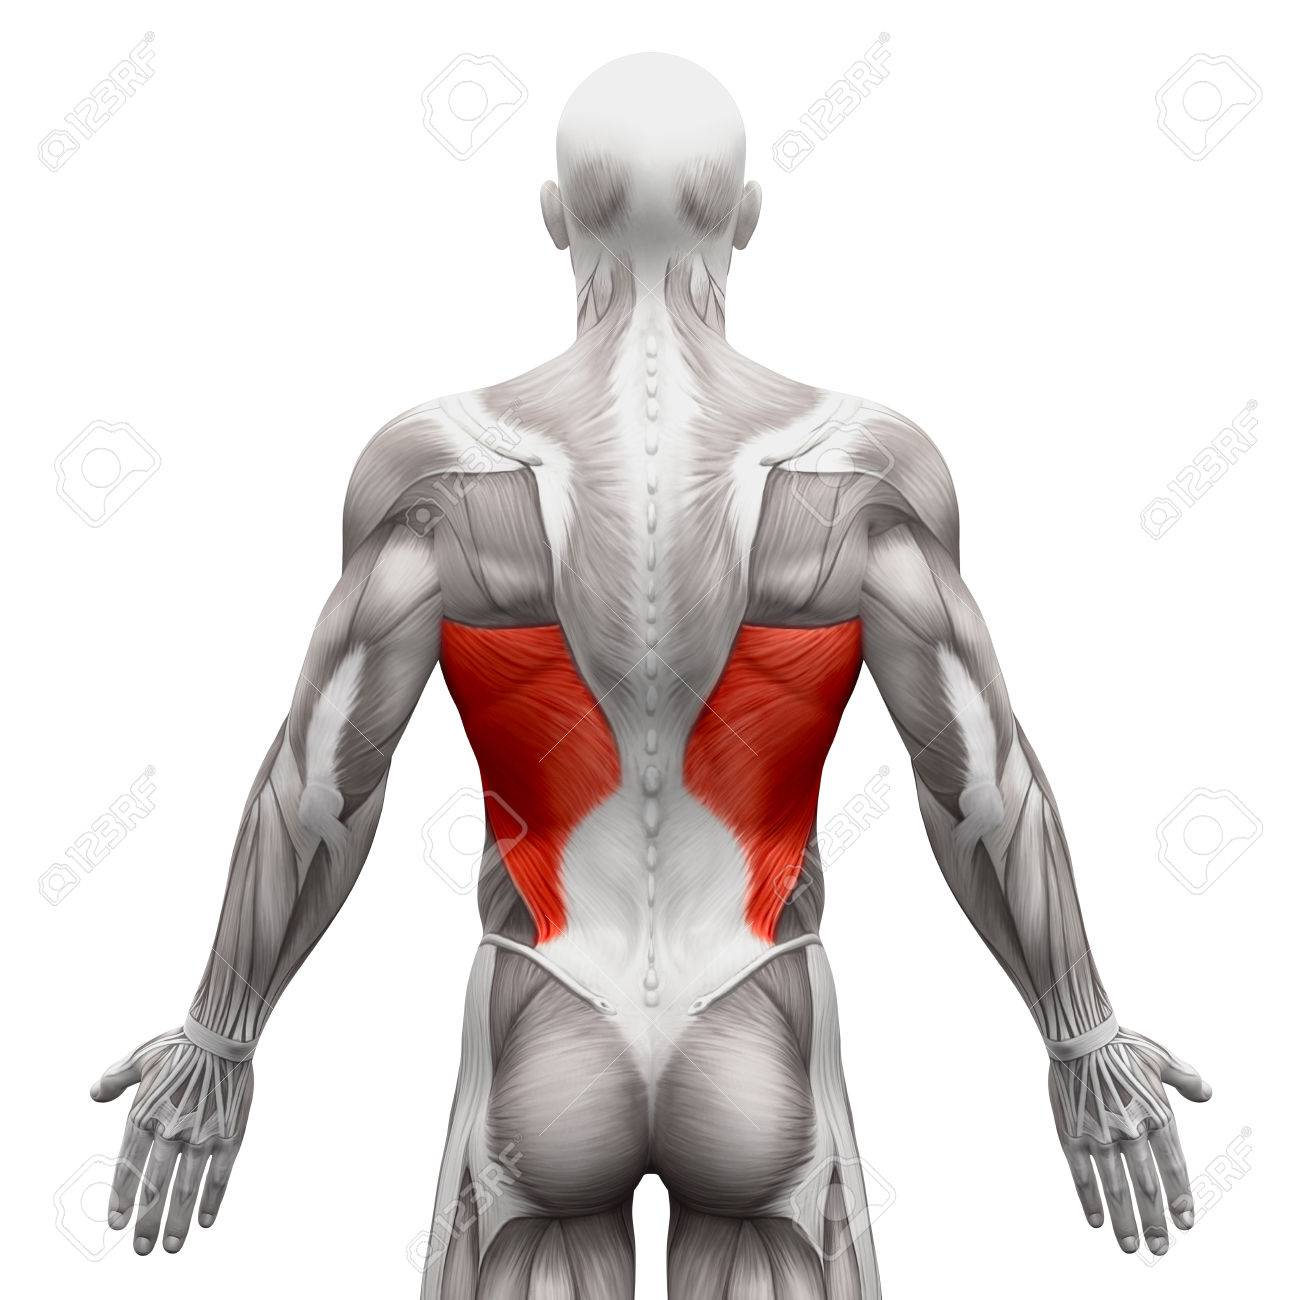 Dorsal Ancho - Músculos Anatomía Aislados En Blanco - Ilustración 3D ...